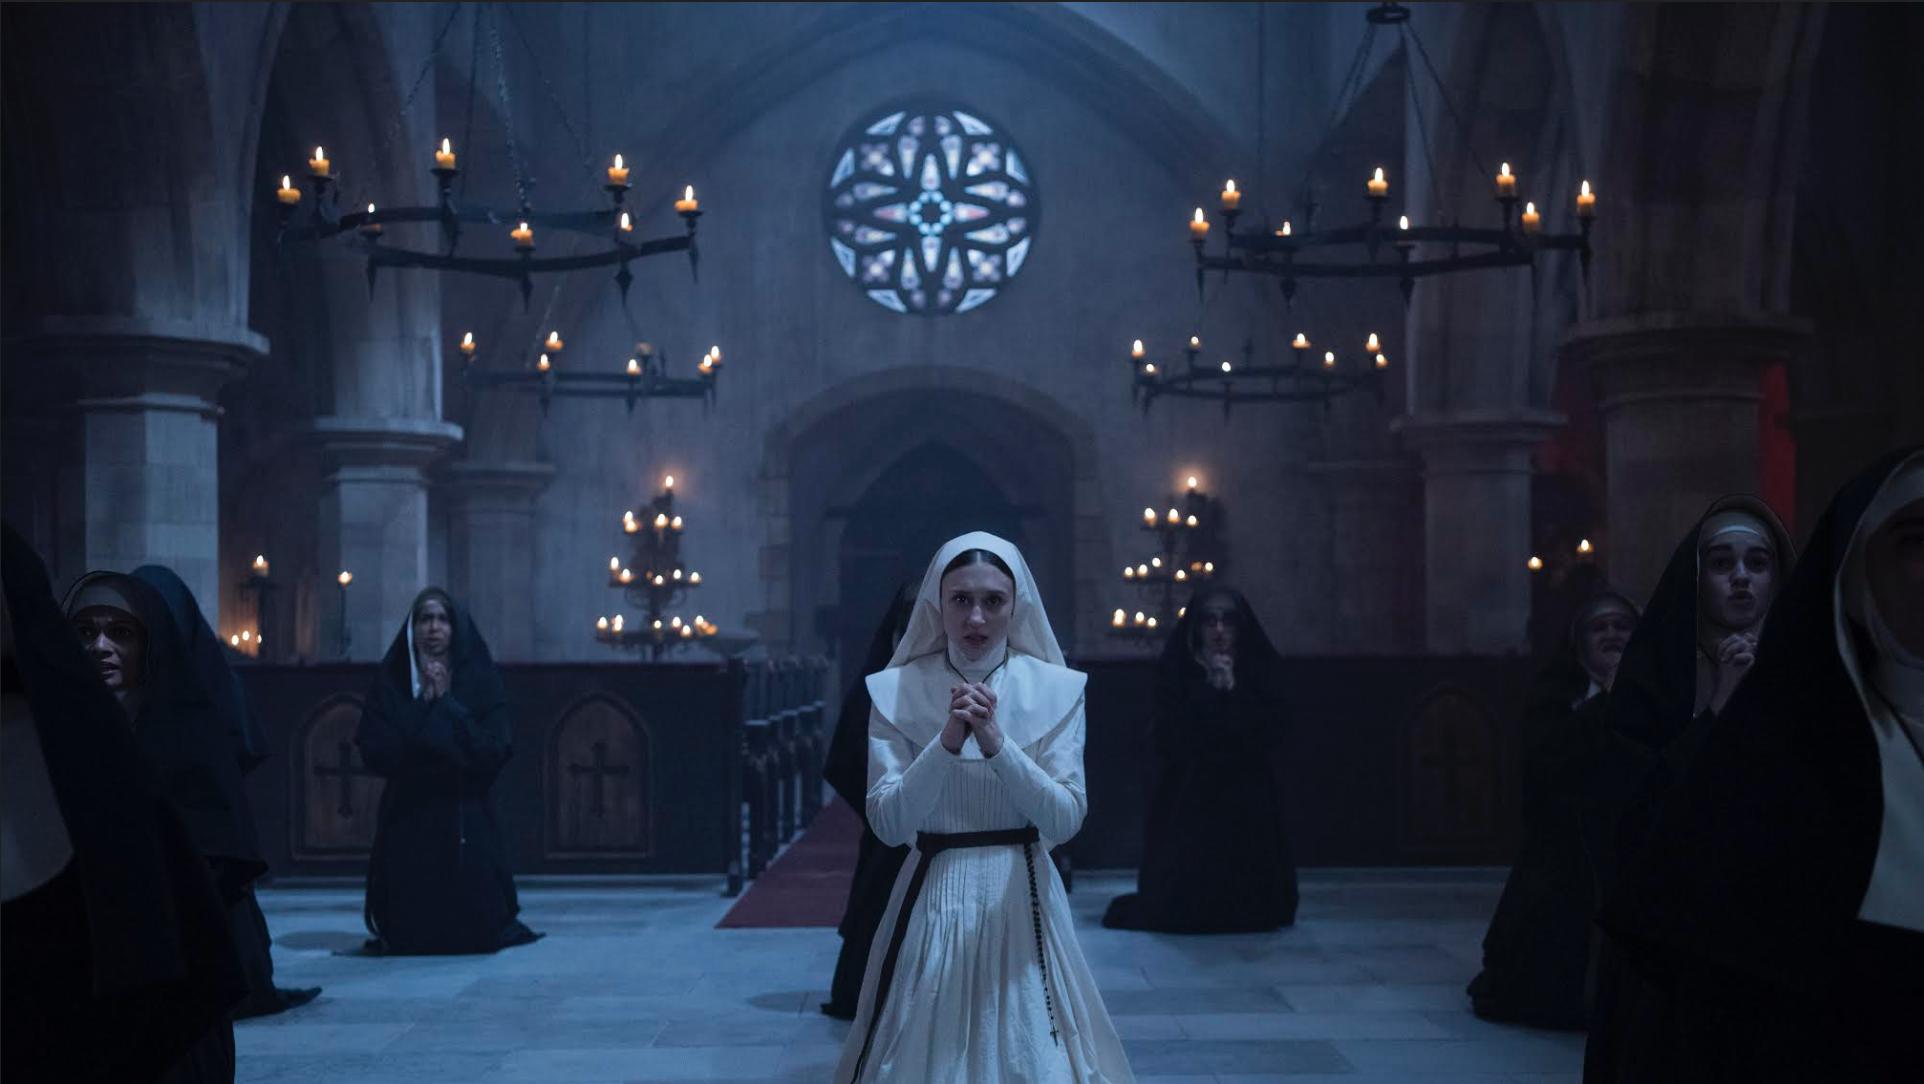 泰莎法米嘉演繹出角色面對邪靈仍不動搖的堅定信仰,但她直言戲外嚇到無覺好瞓。